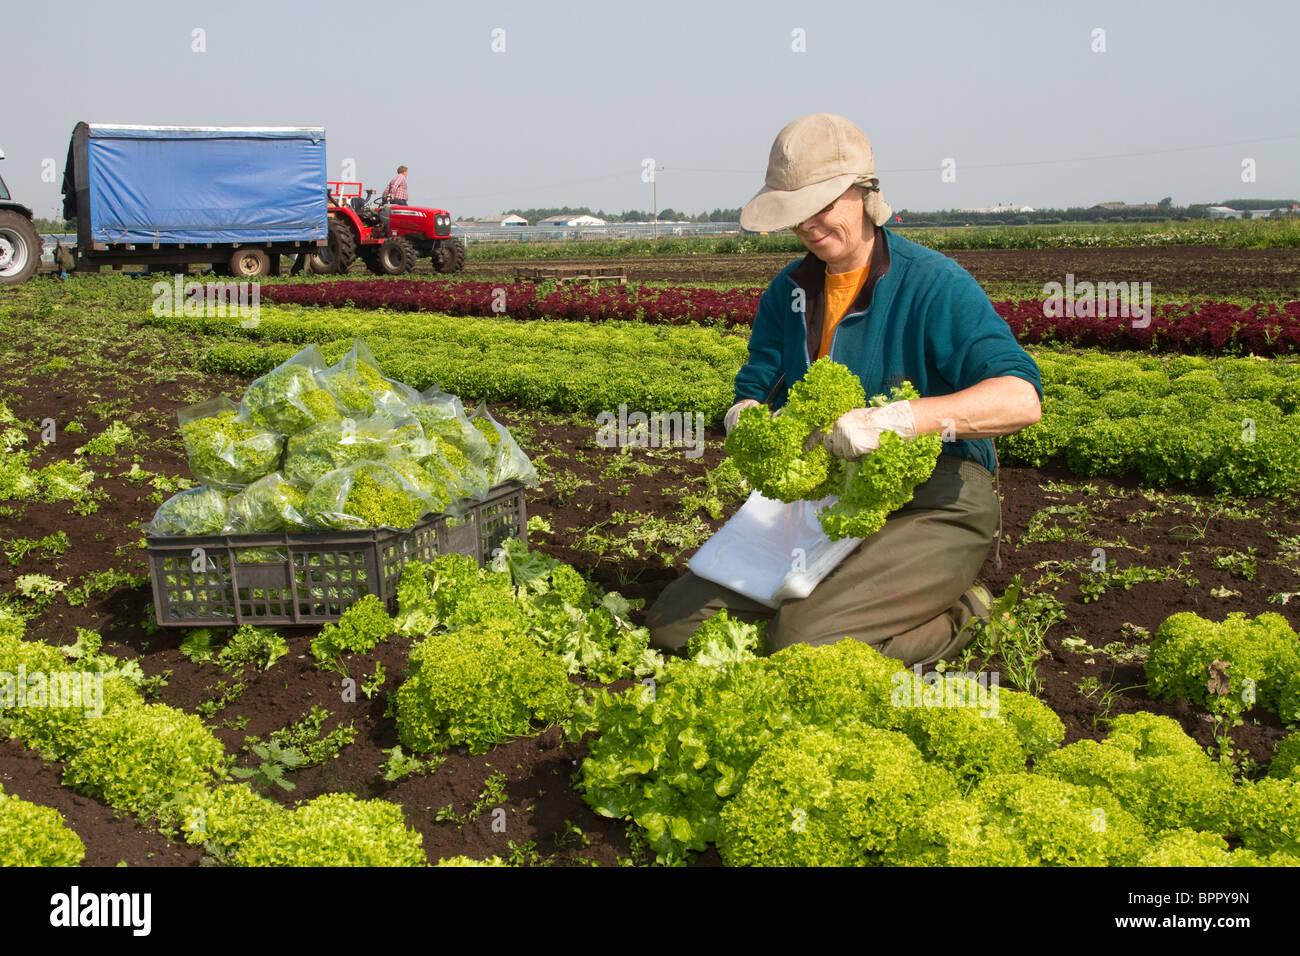 Giardini di mercato a Tarleton, West Lancs, Lancashire, Preston, Regno Unito Immagini Stock